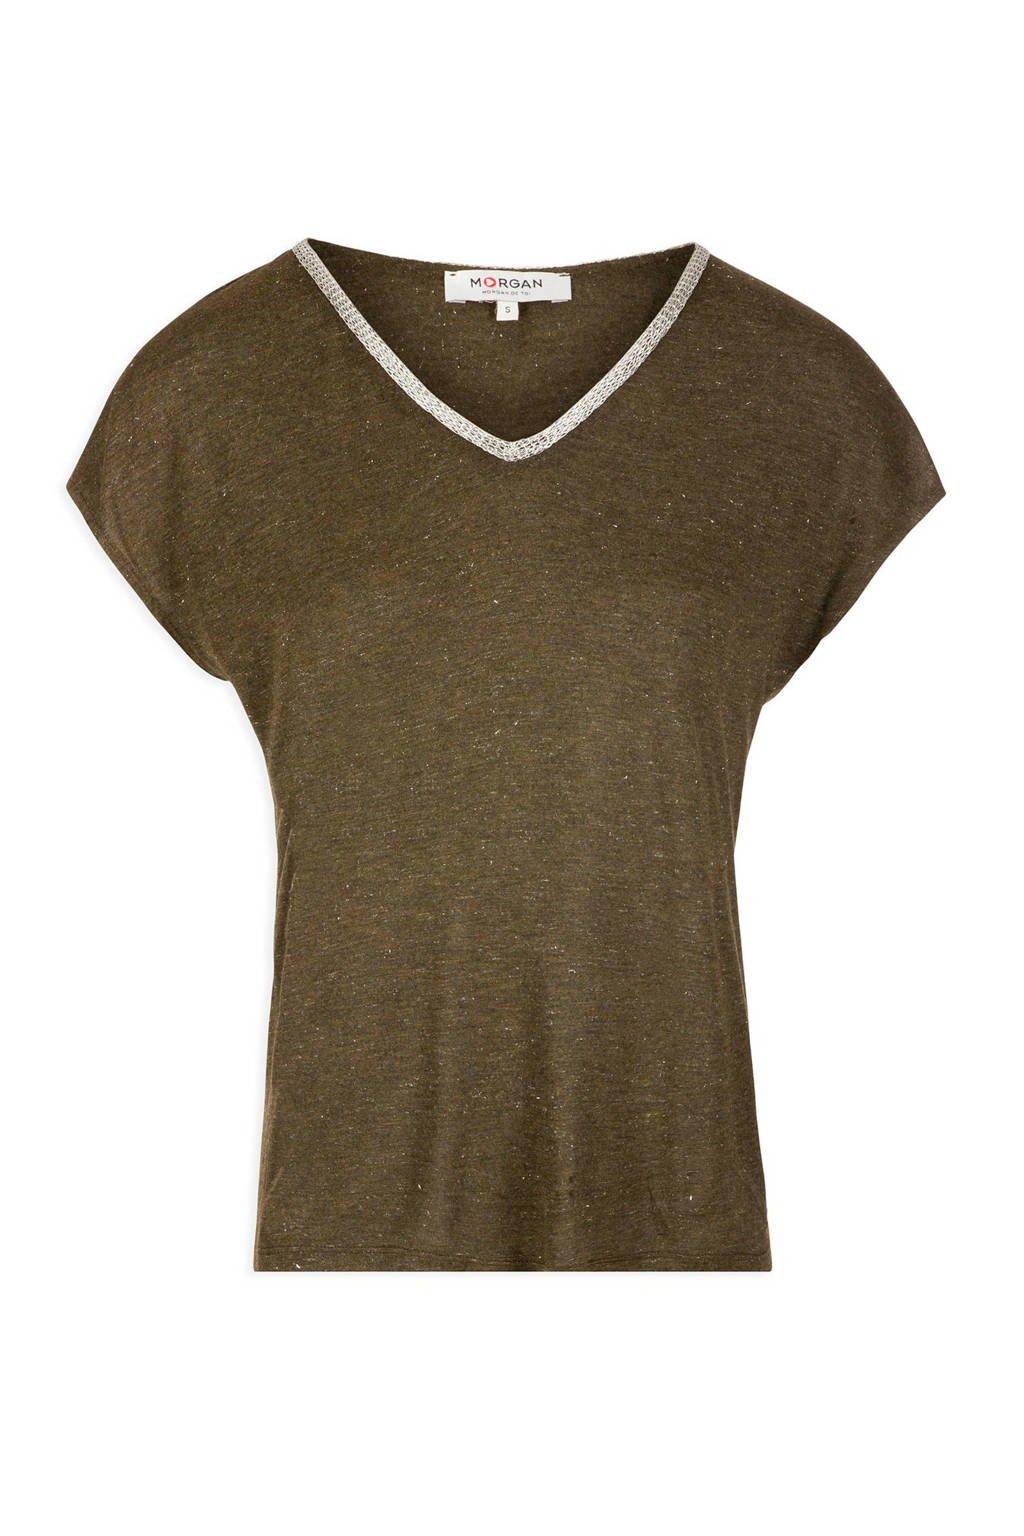 Morgan T-shirt met glitters olijfgroen, Olijfgroen